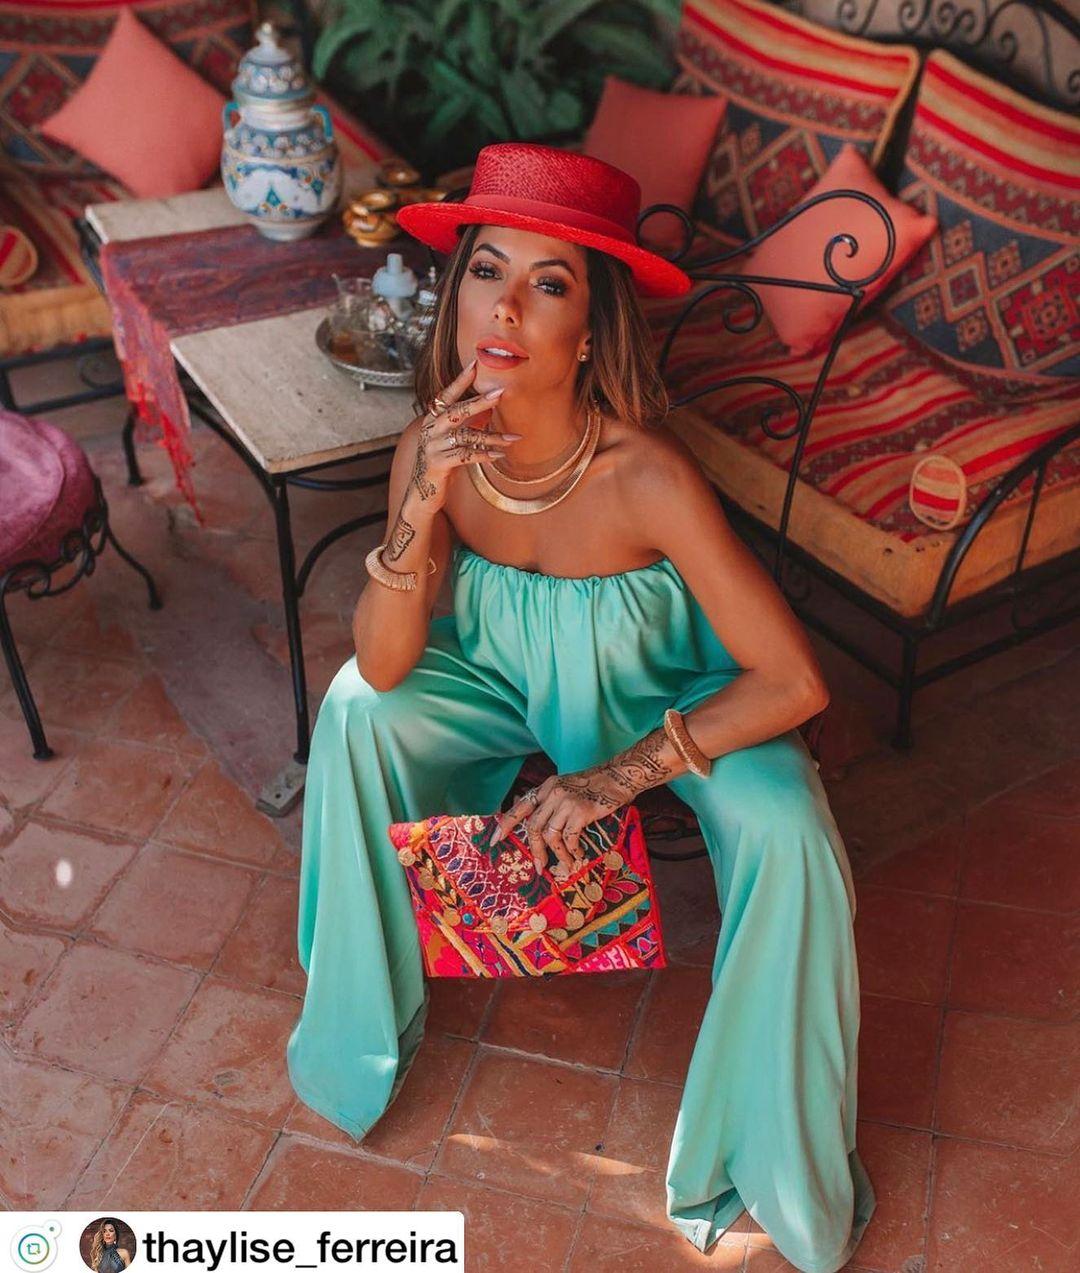 Imagem mostra mulher de chapéu - como escolher chapéu de acordo com seu estilo